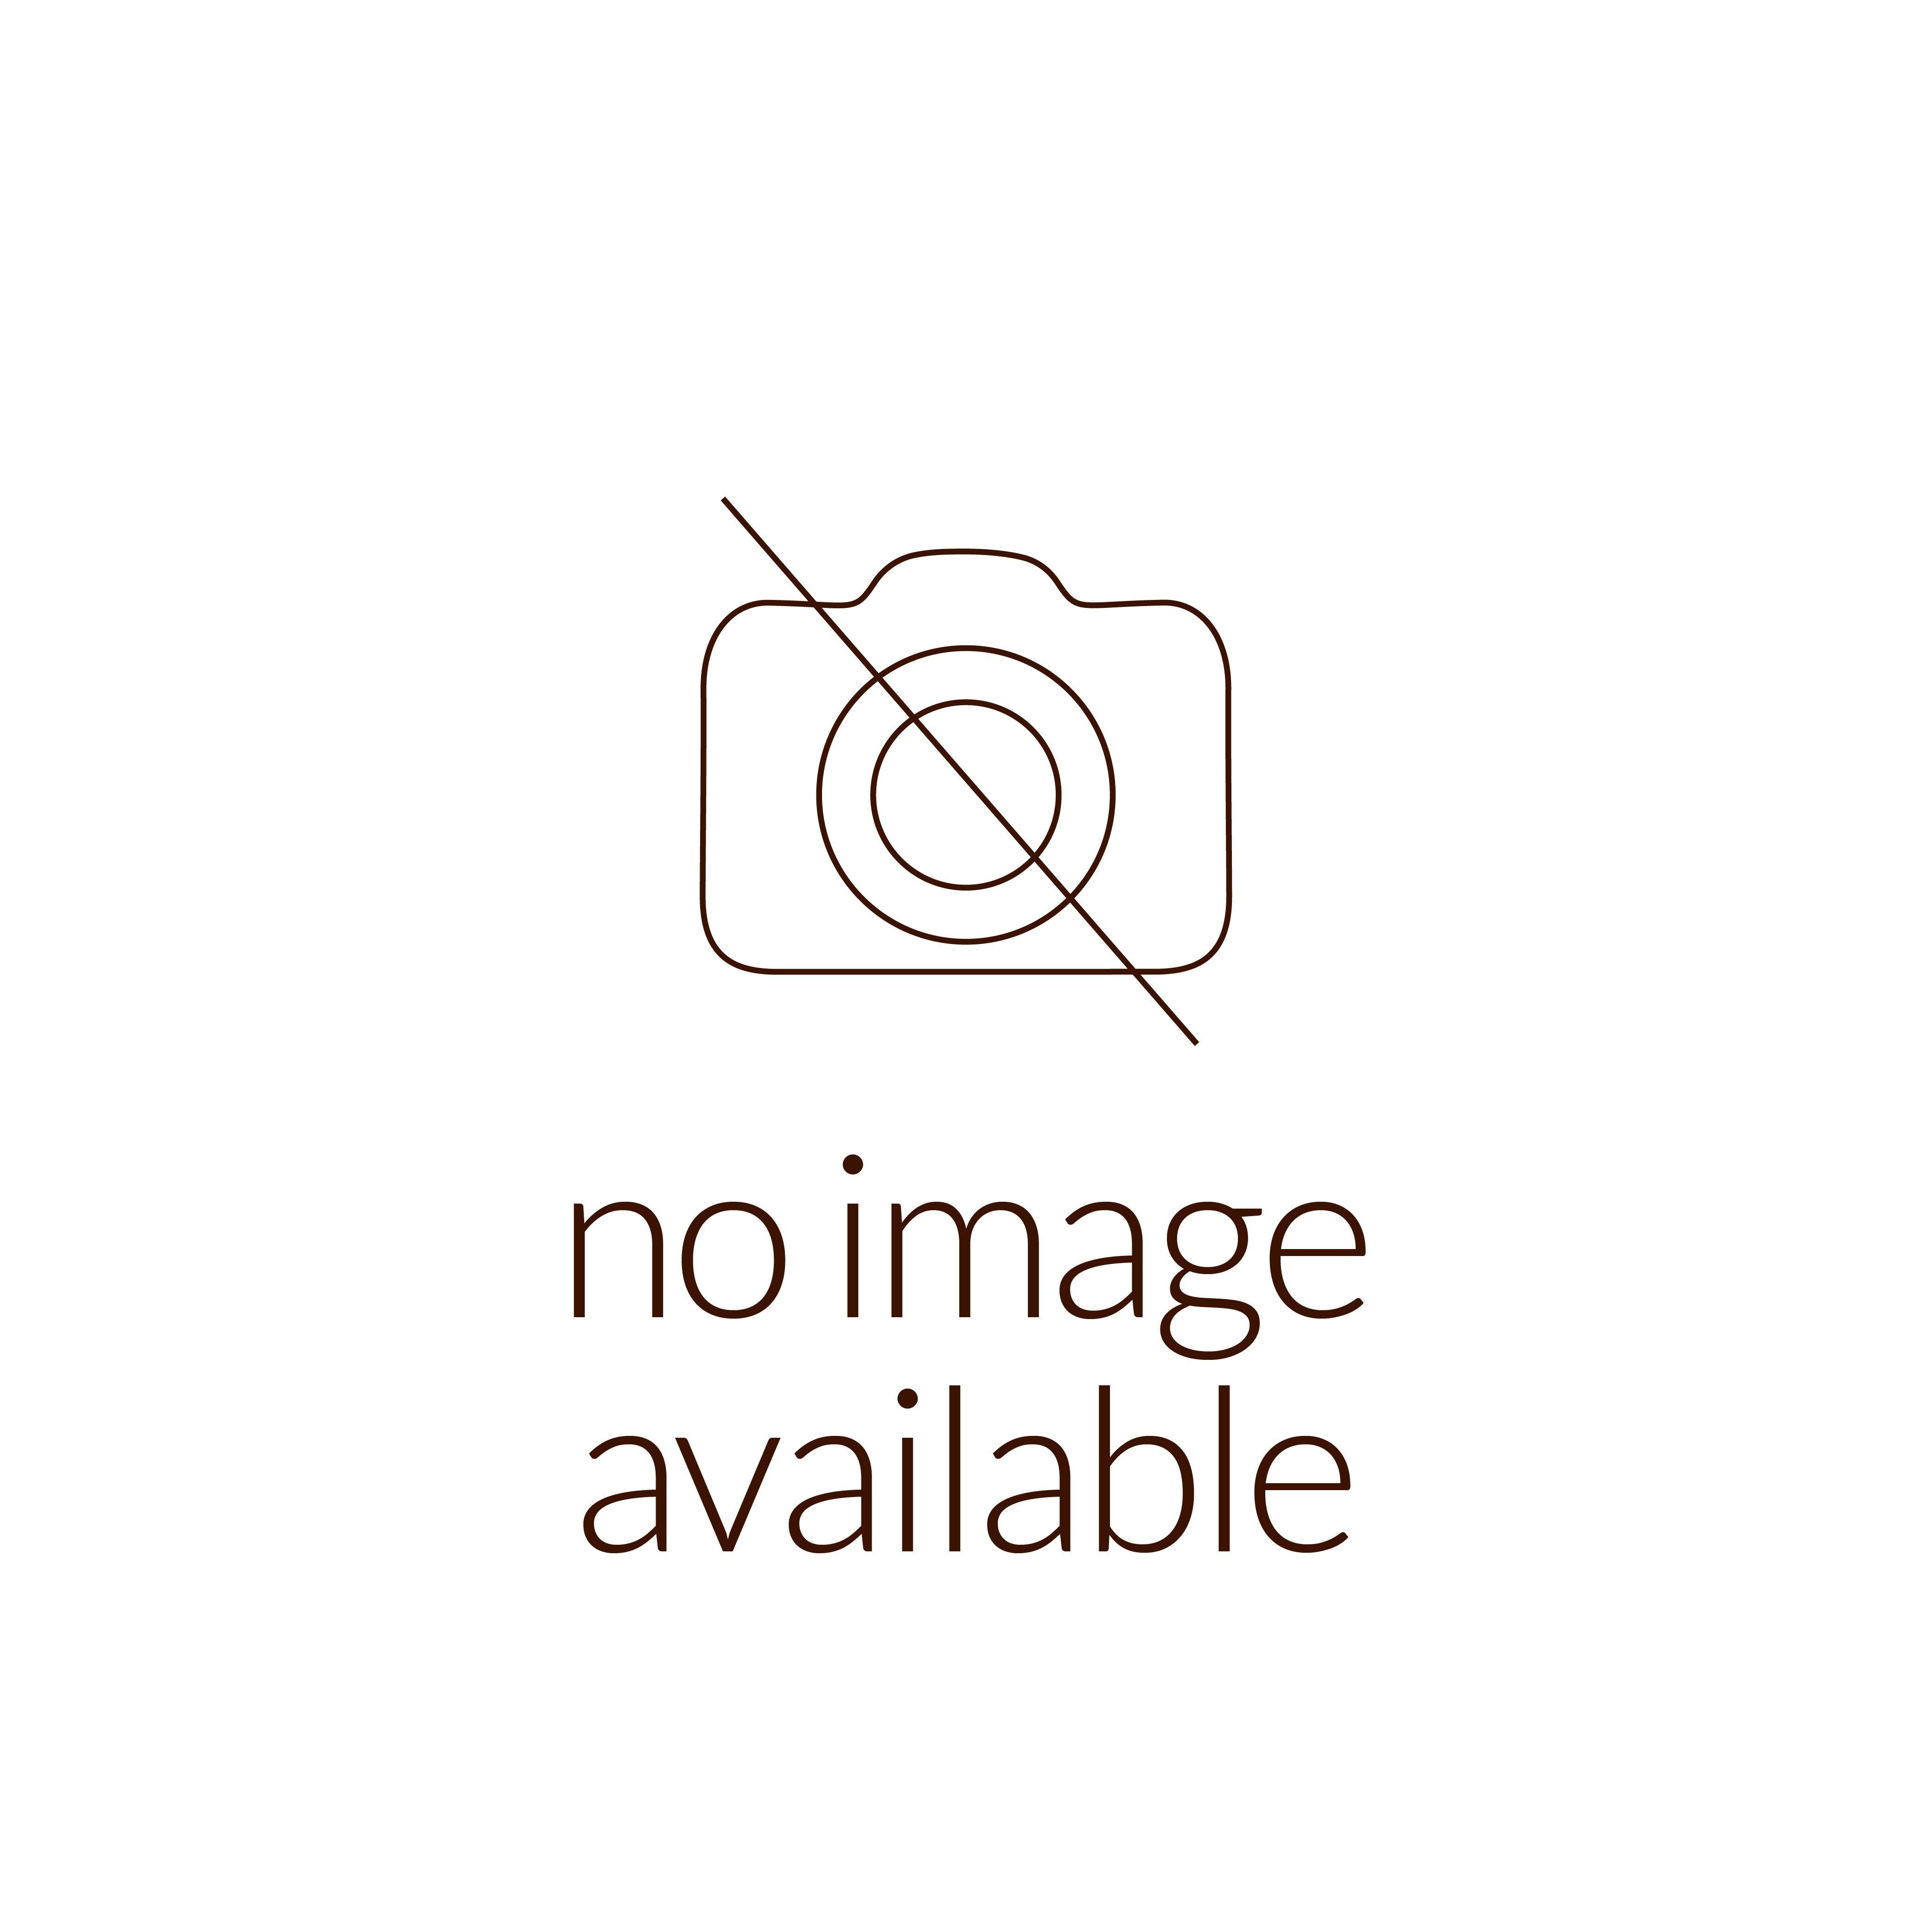 """מדליה ממלכתית, שמעון פרס, זהב 9999, 50 מ""""מ, 62.2 גרם - צד הנושא"""